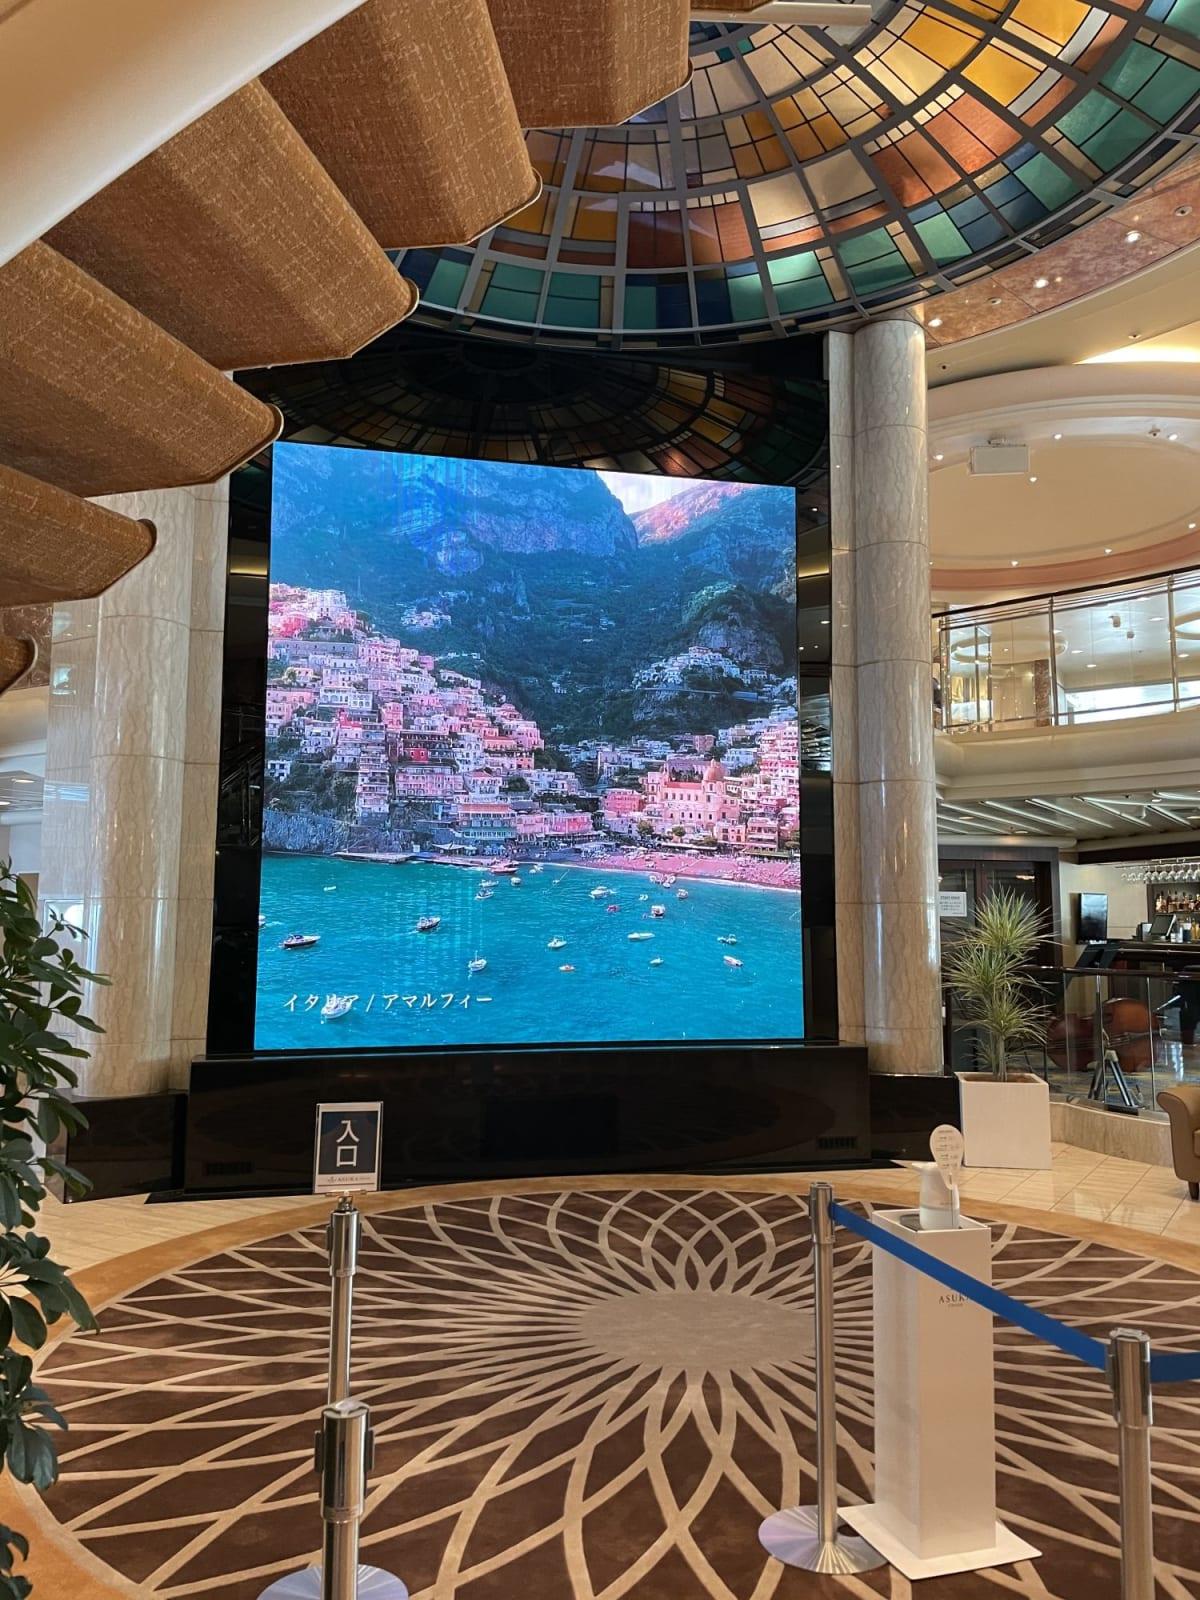 飛鳥プラザに設置された大きなLEDスクリーンにはさまざまな動画が表示されています。